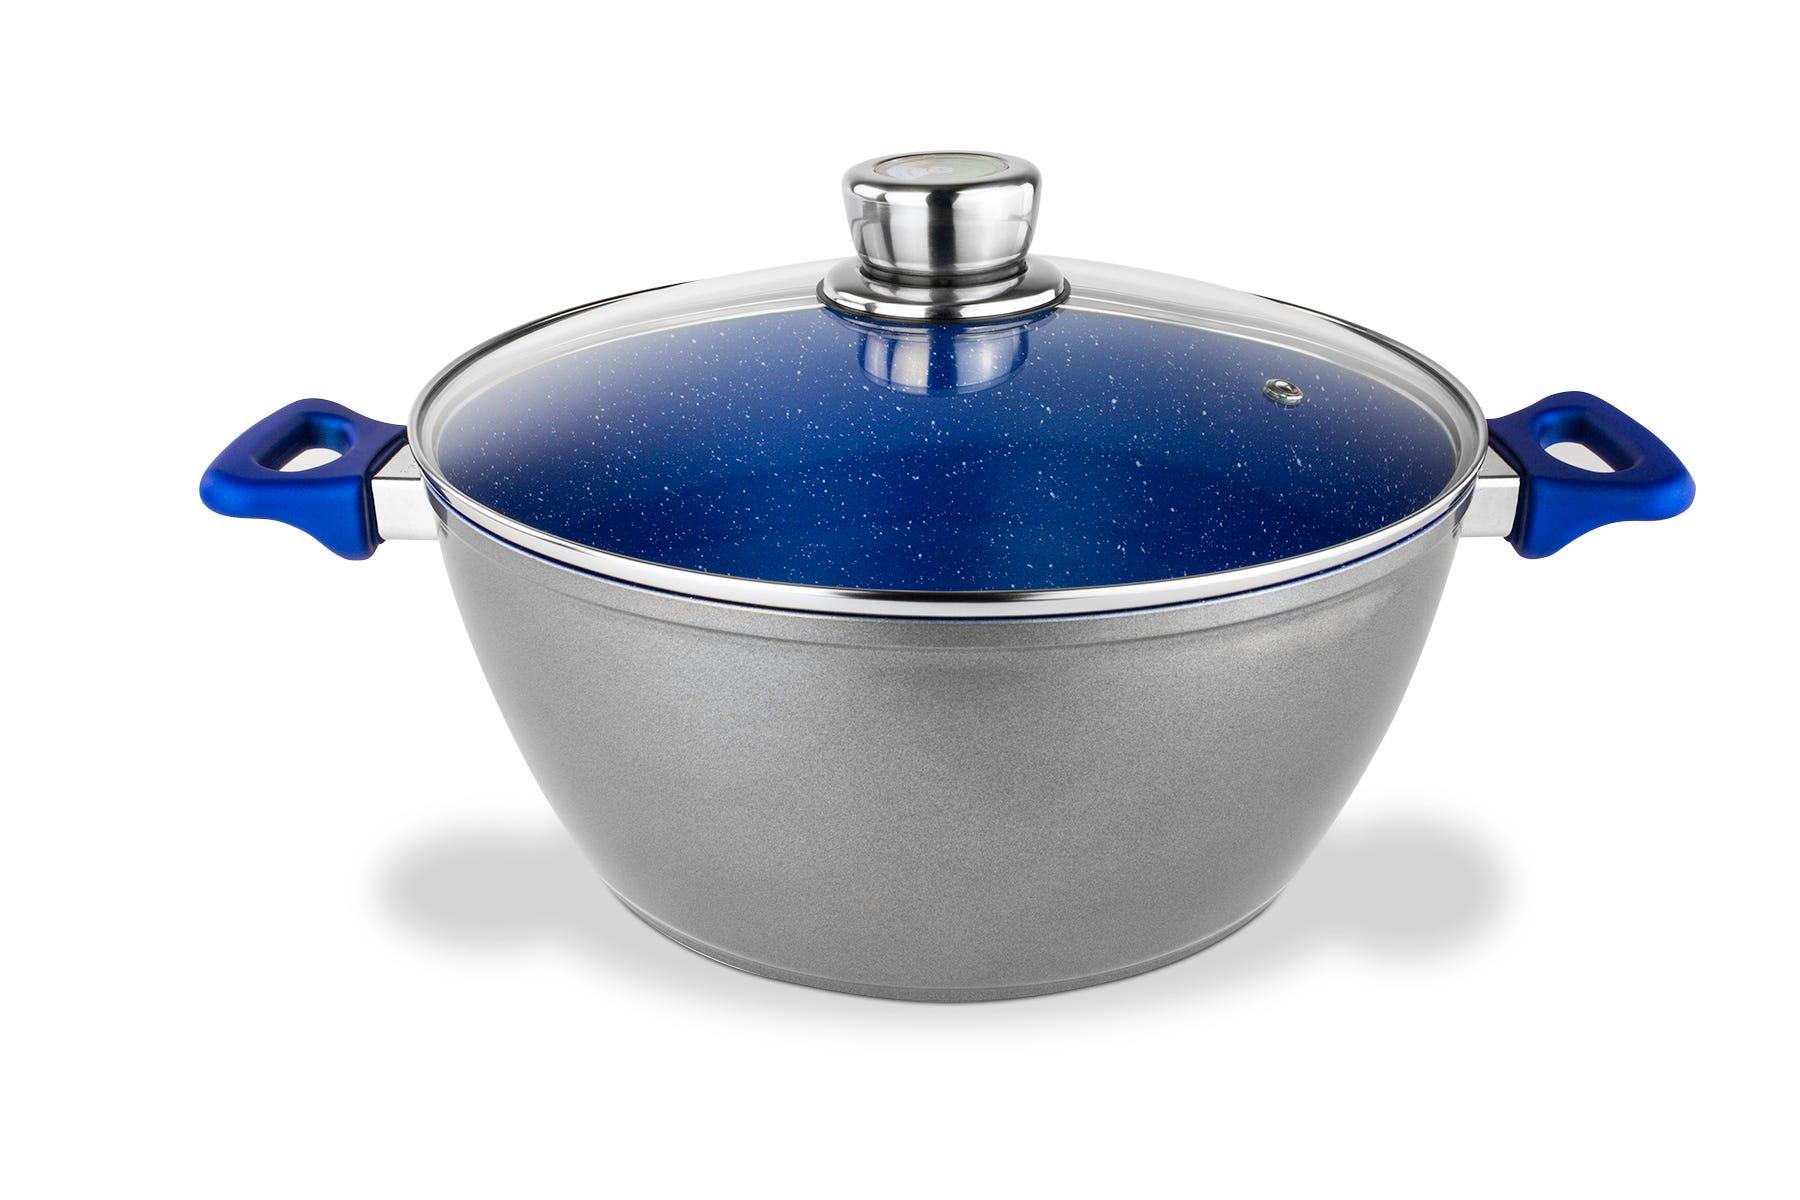 Cacerola de acero inoxidable con tapa Flavorstone® de 28 cm color azul